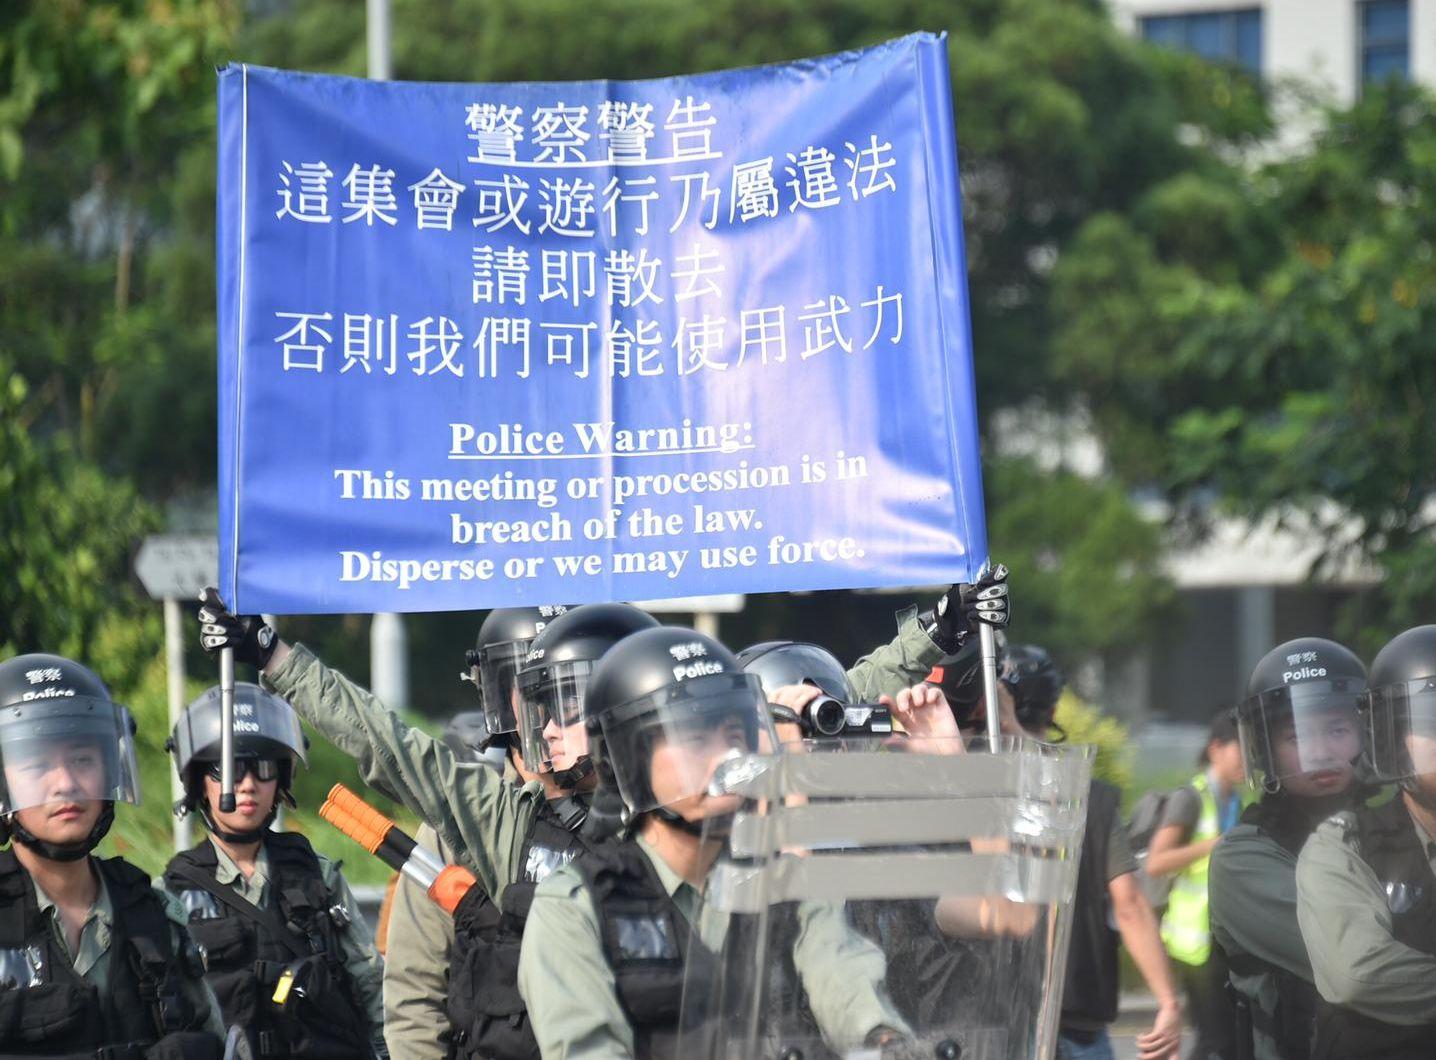 警方舉起藍旗